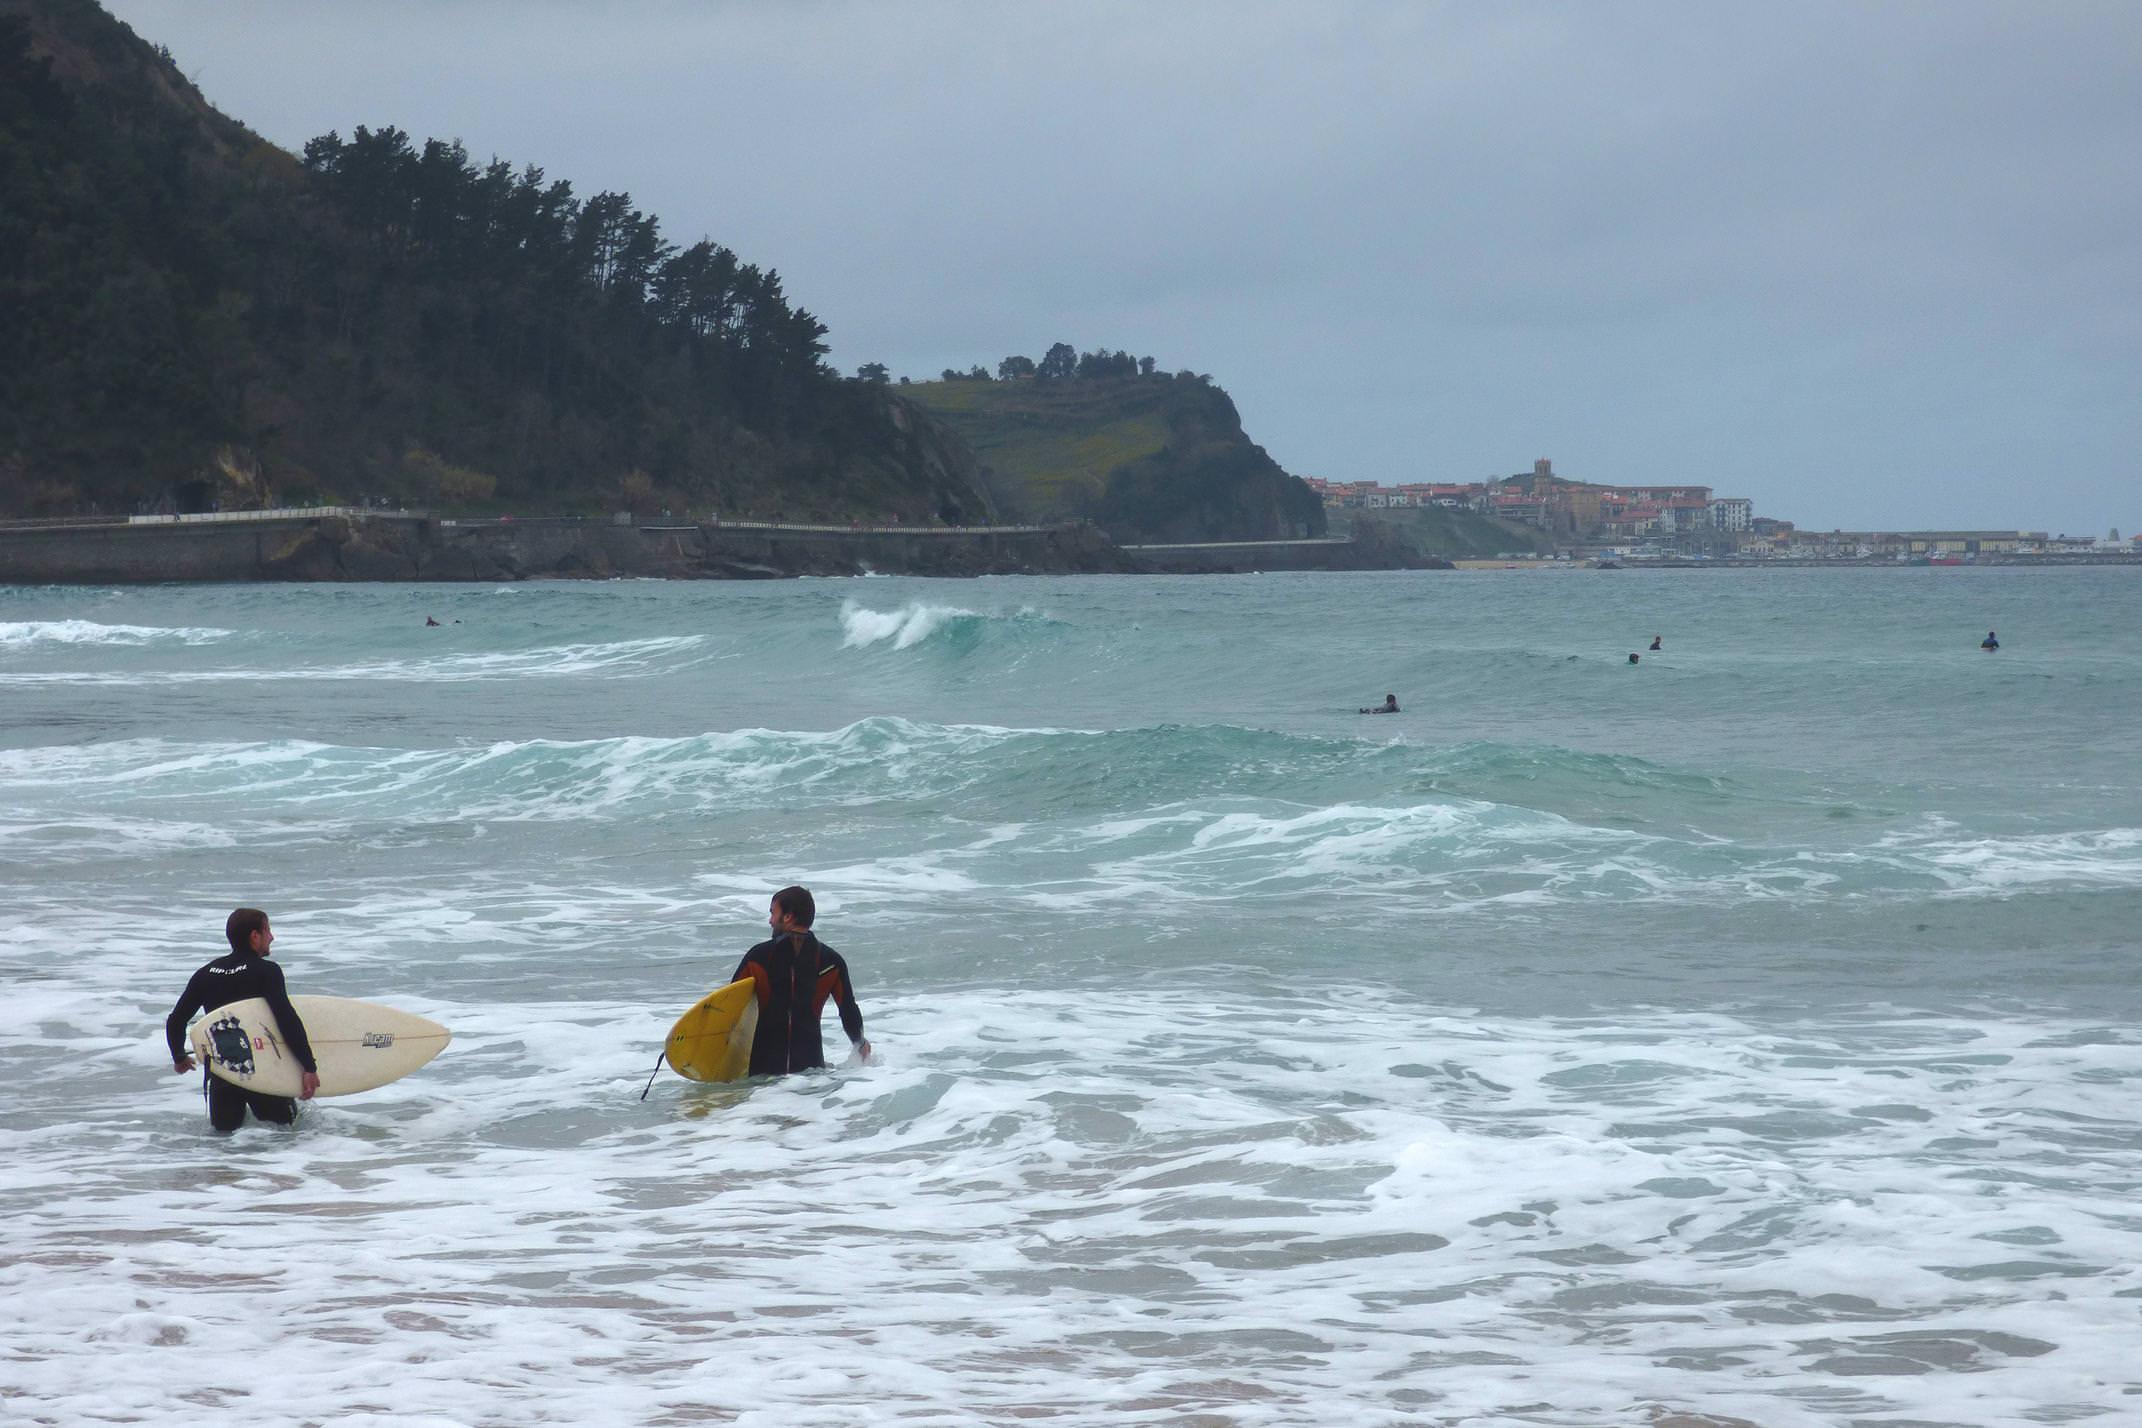 Spain basque country inn to inn zarautz surfers coastal path to getaria